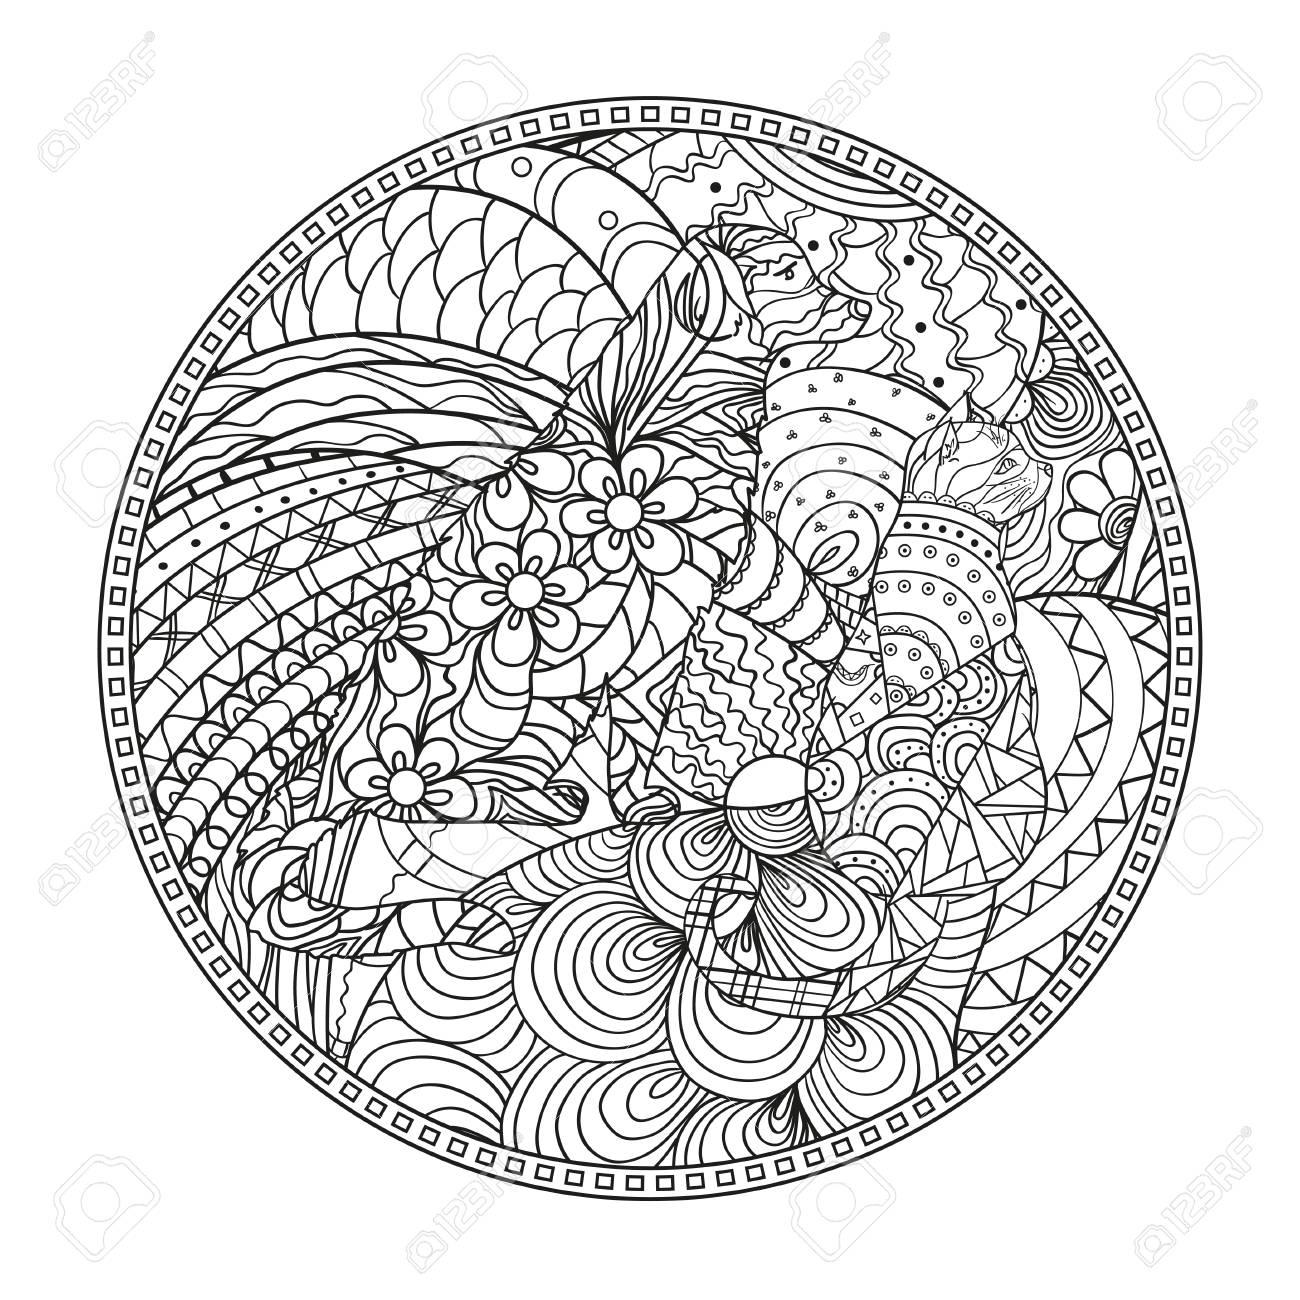 1300x1300 Mandala With Dog And Cat. Zentangle. Hand Drawn Circle Zendala